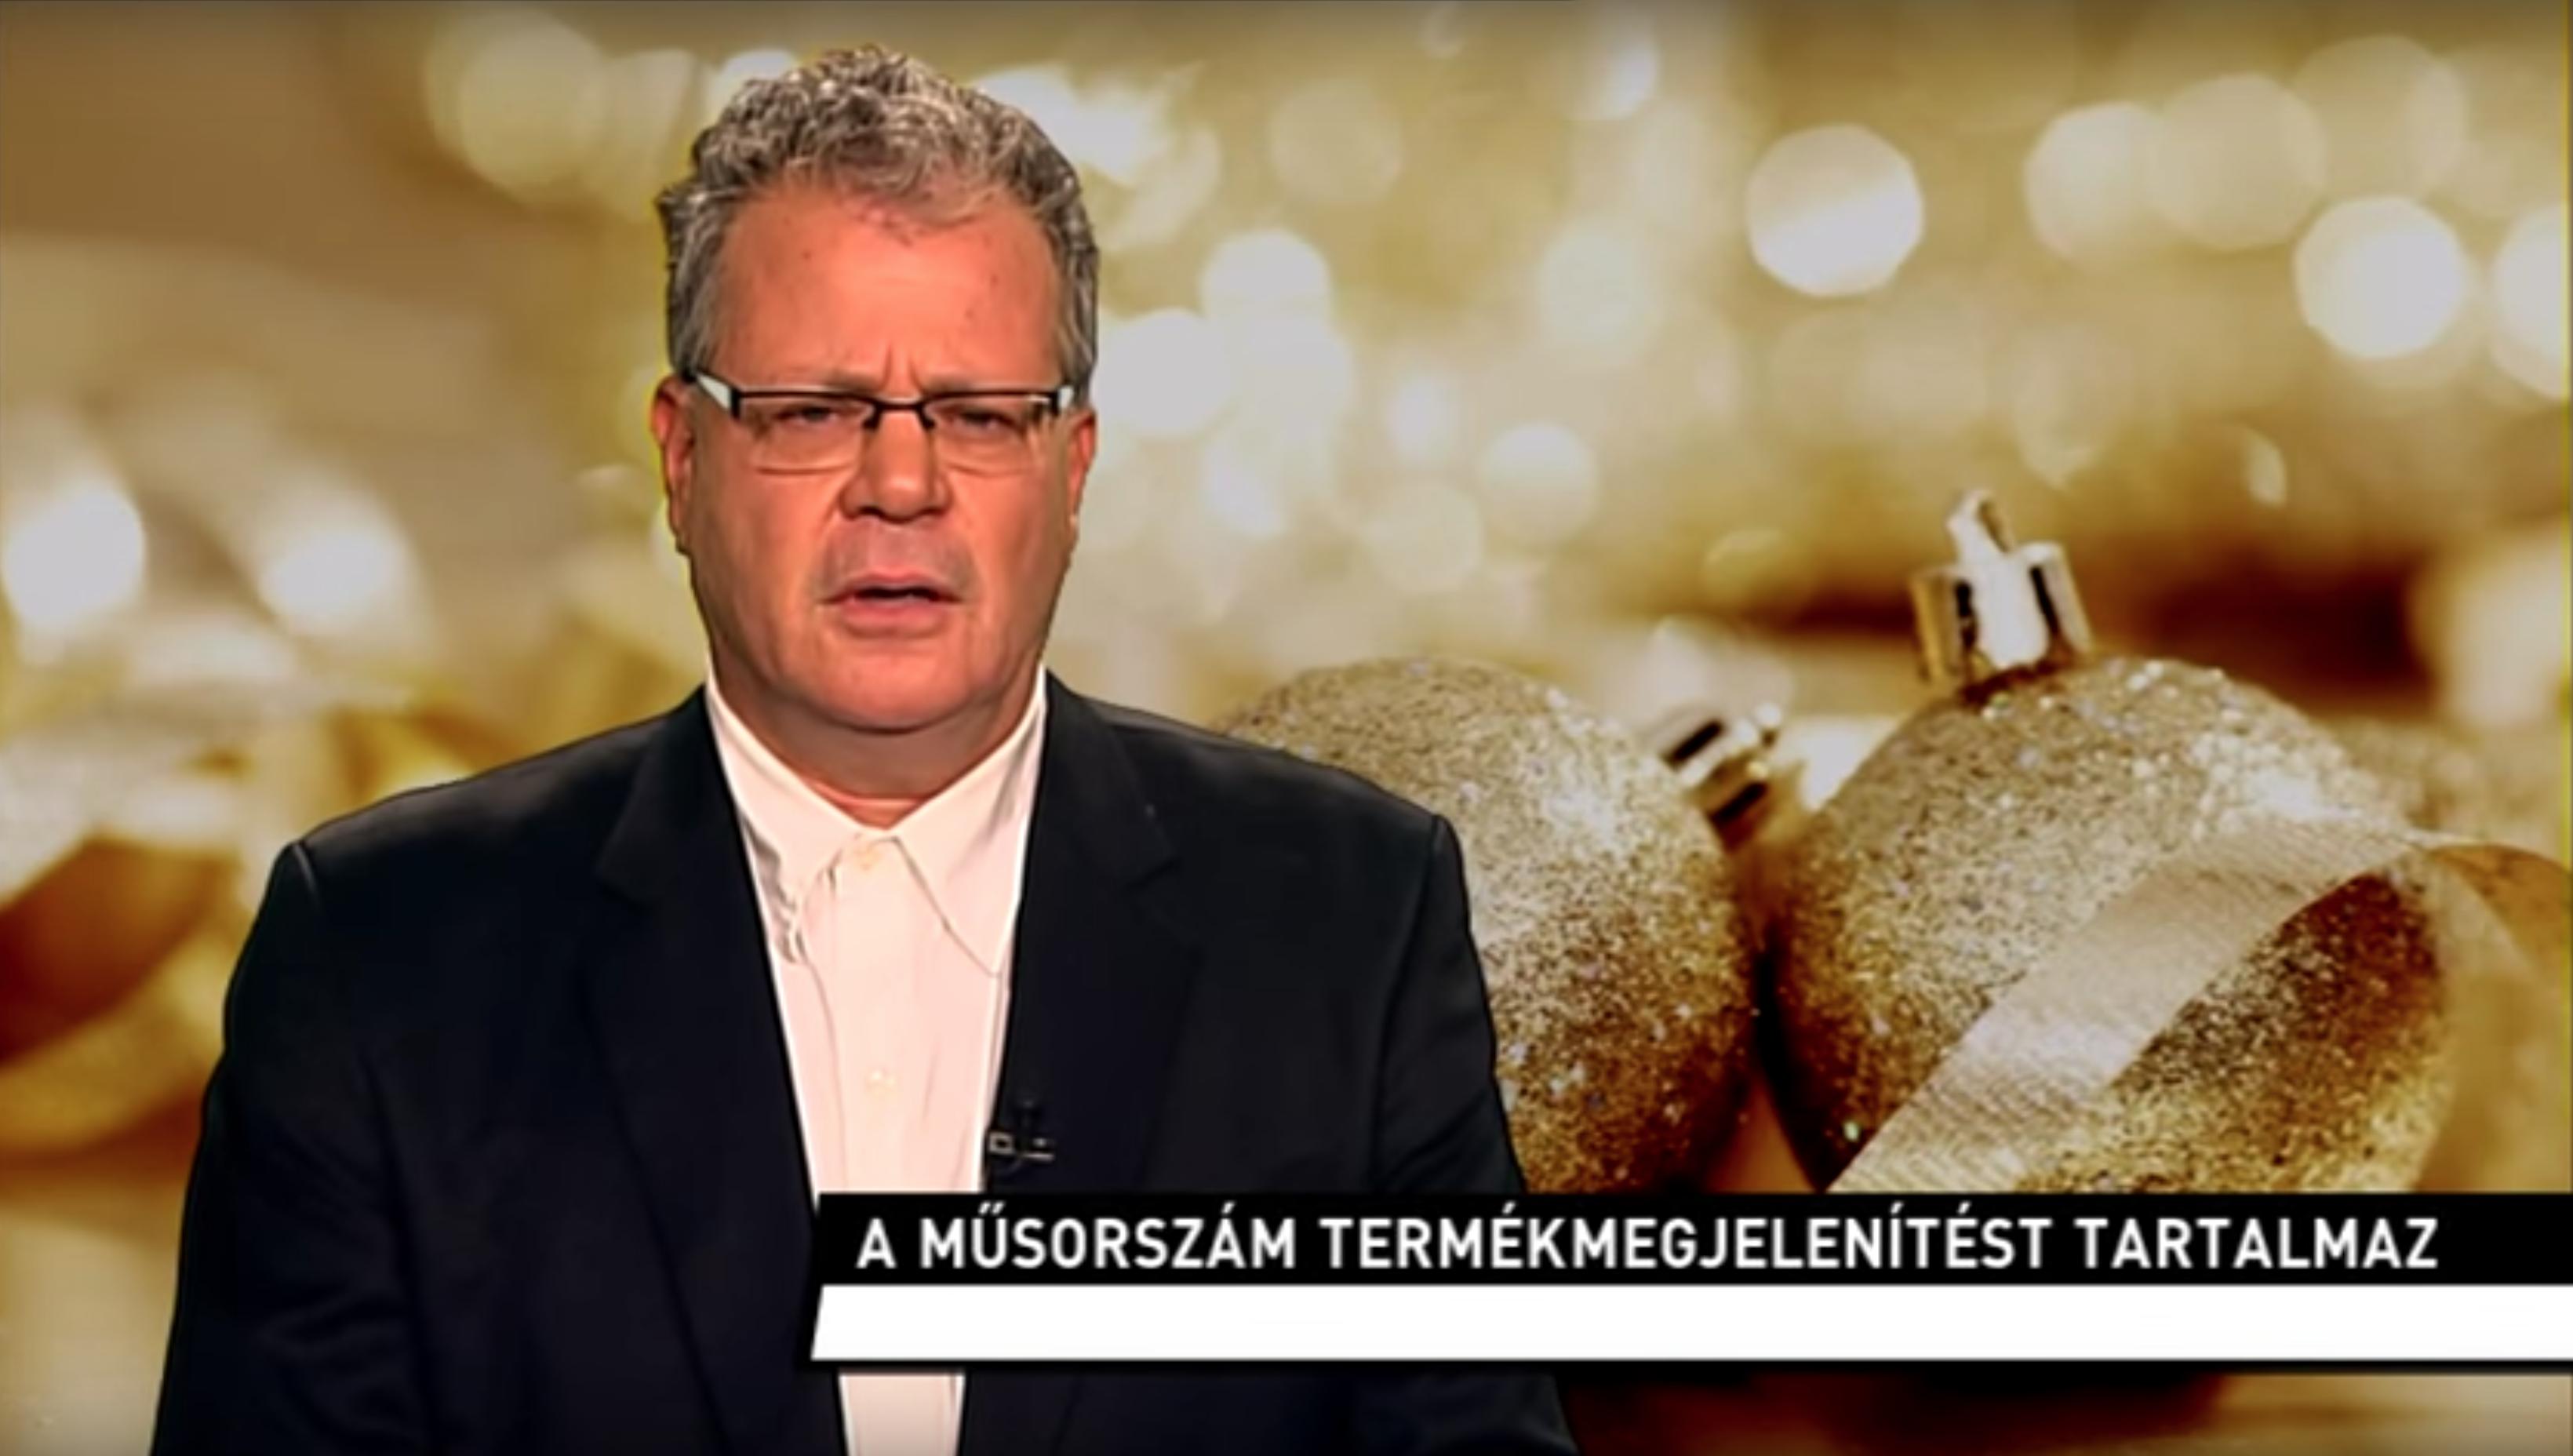 Civil Rádió: Fiala János műsora valós, közszolgálati tartalmú kommunikáció